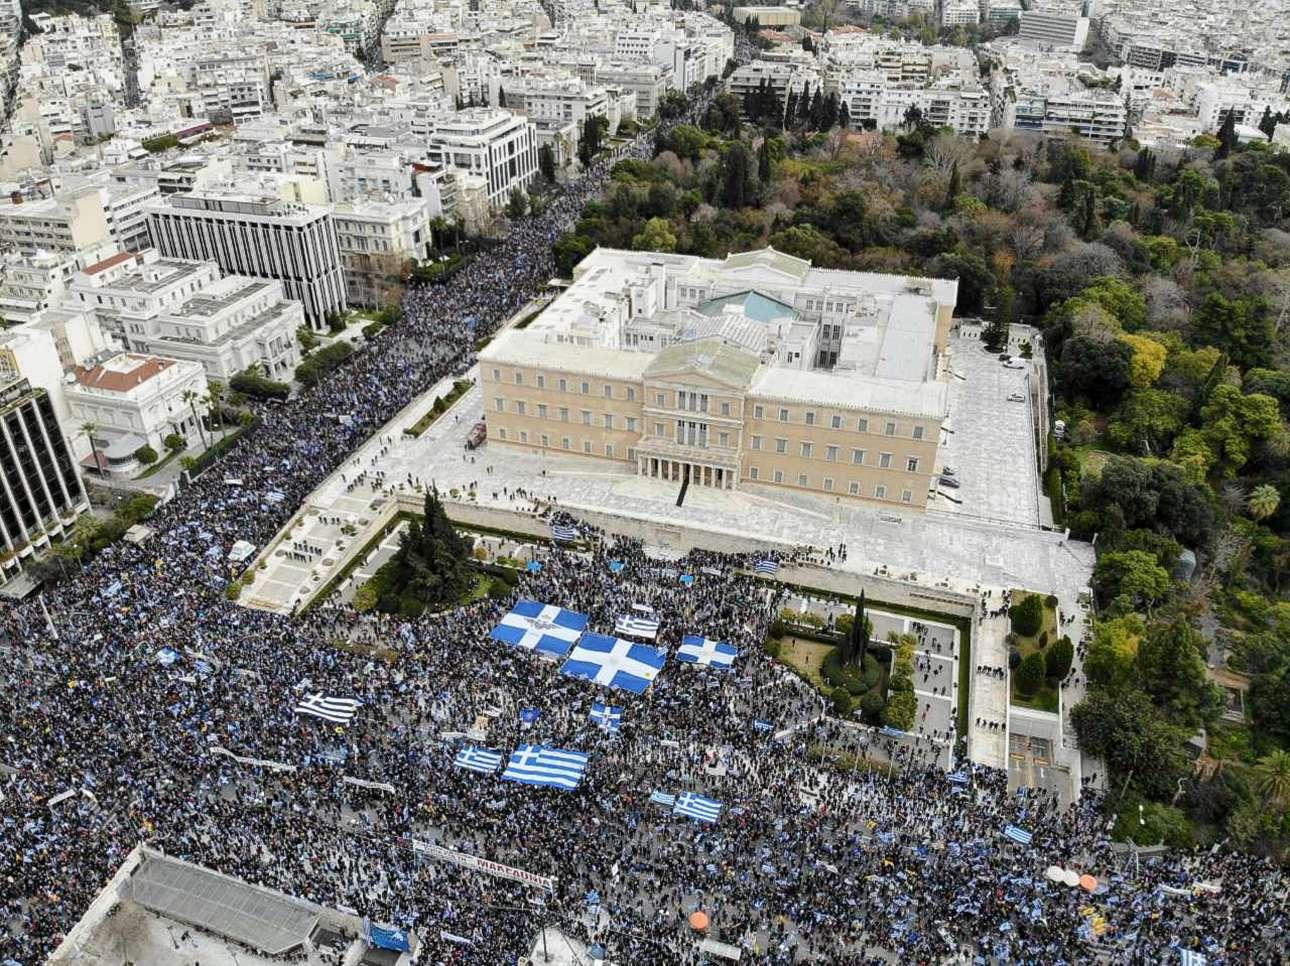 Το μαζικό συλλαλητήριο φωτογραφημένο από ψηλά